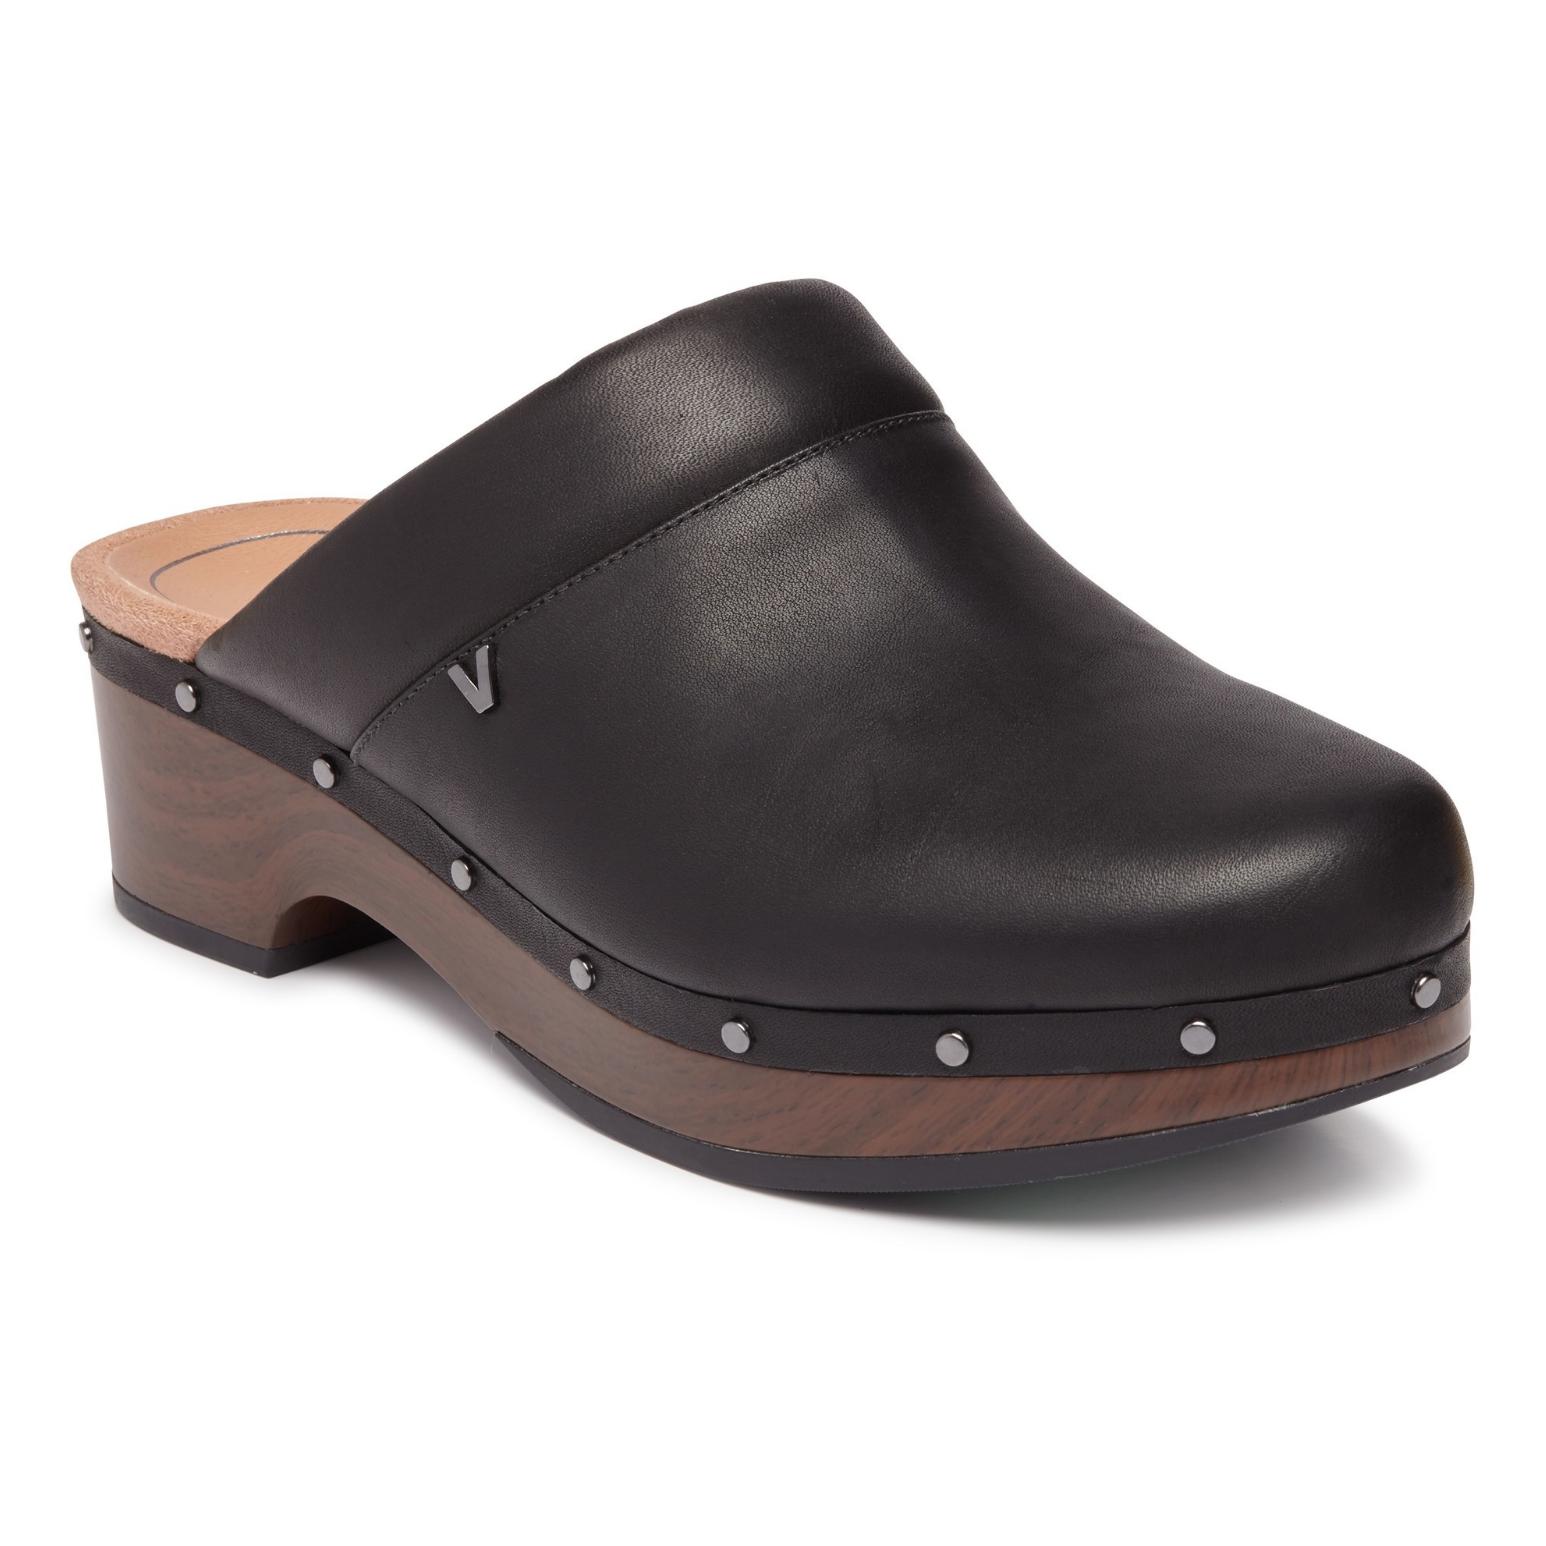 Vionic Women's Kacie Clog Black Leather | Birkenstock & More